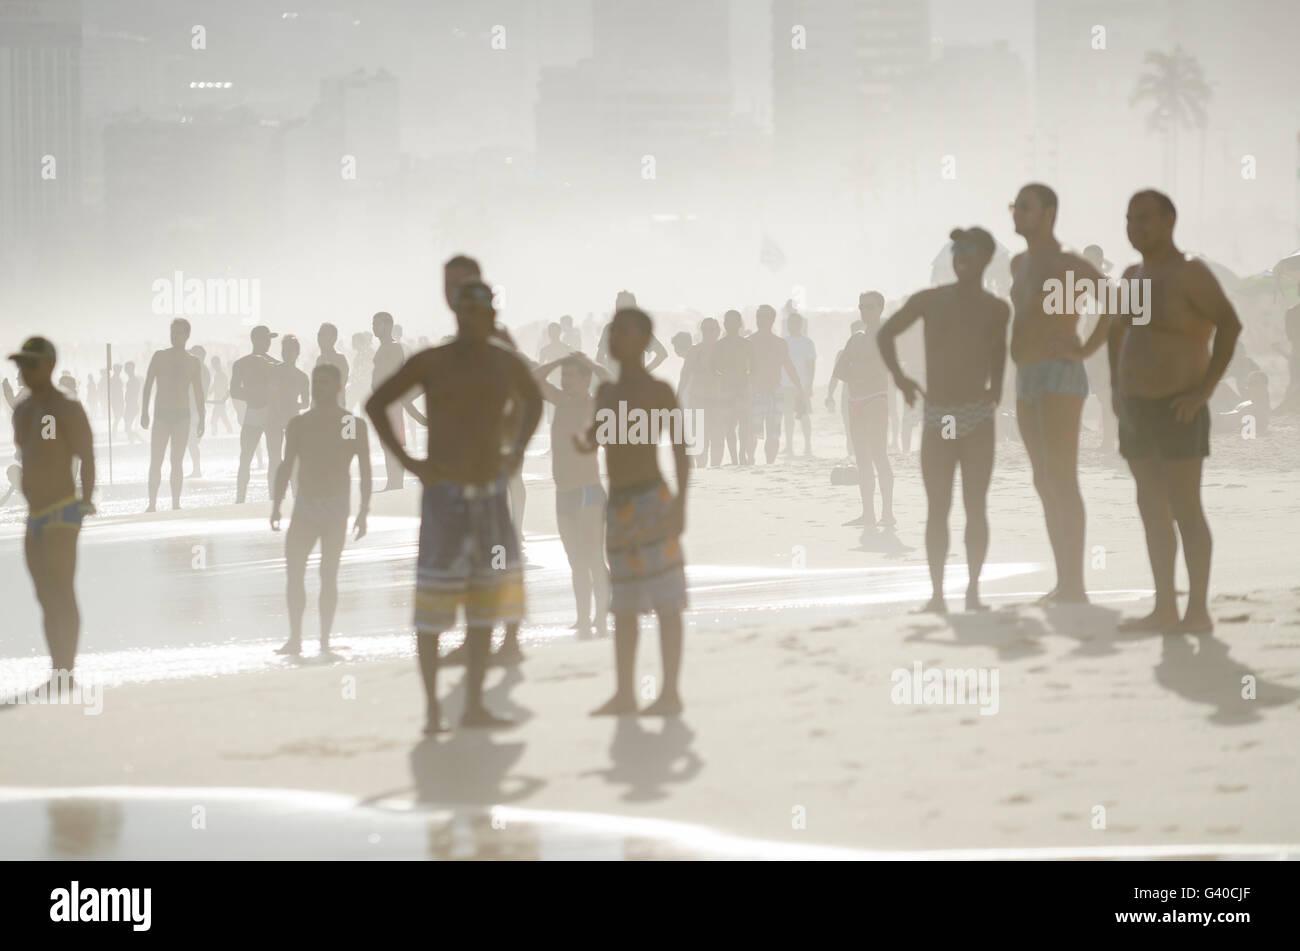 RIO DE JANEIRO - Gennaio 20, 2014: sagome di beachgoers riempire la riva di Ipanema al tramonto di un pomeriggio d'estate. Foto Stock